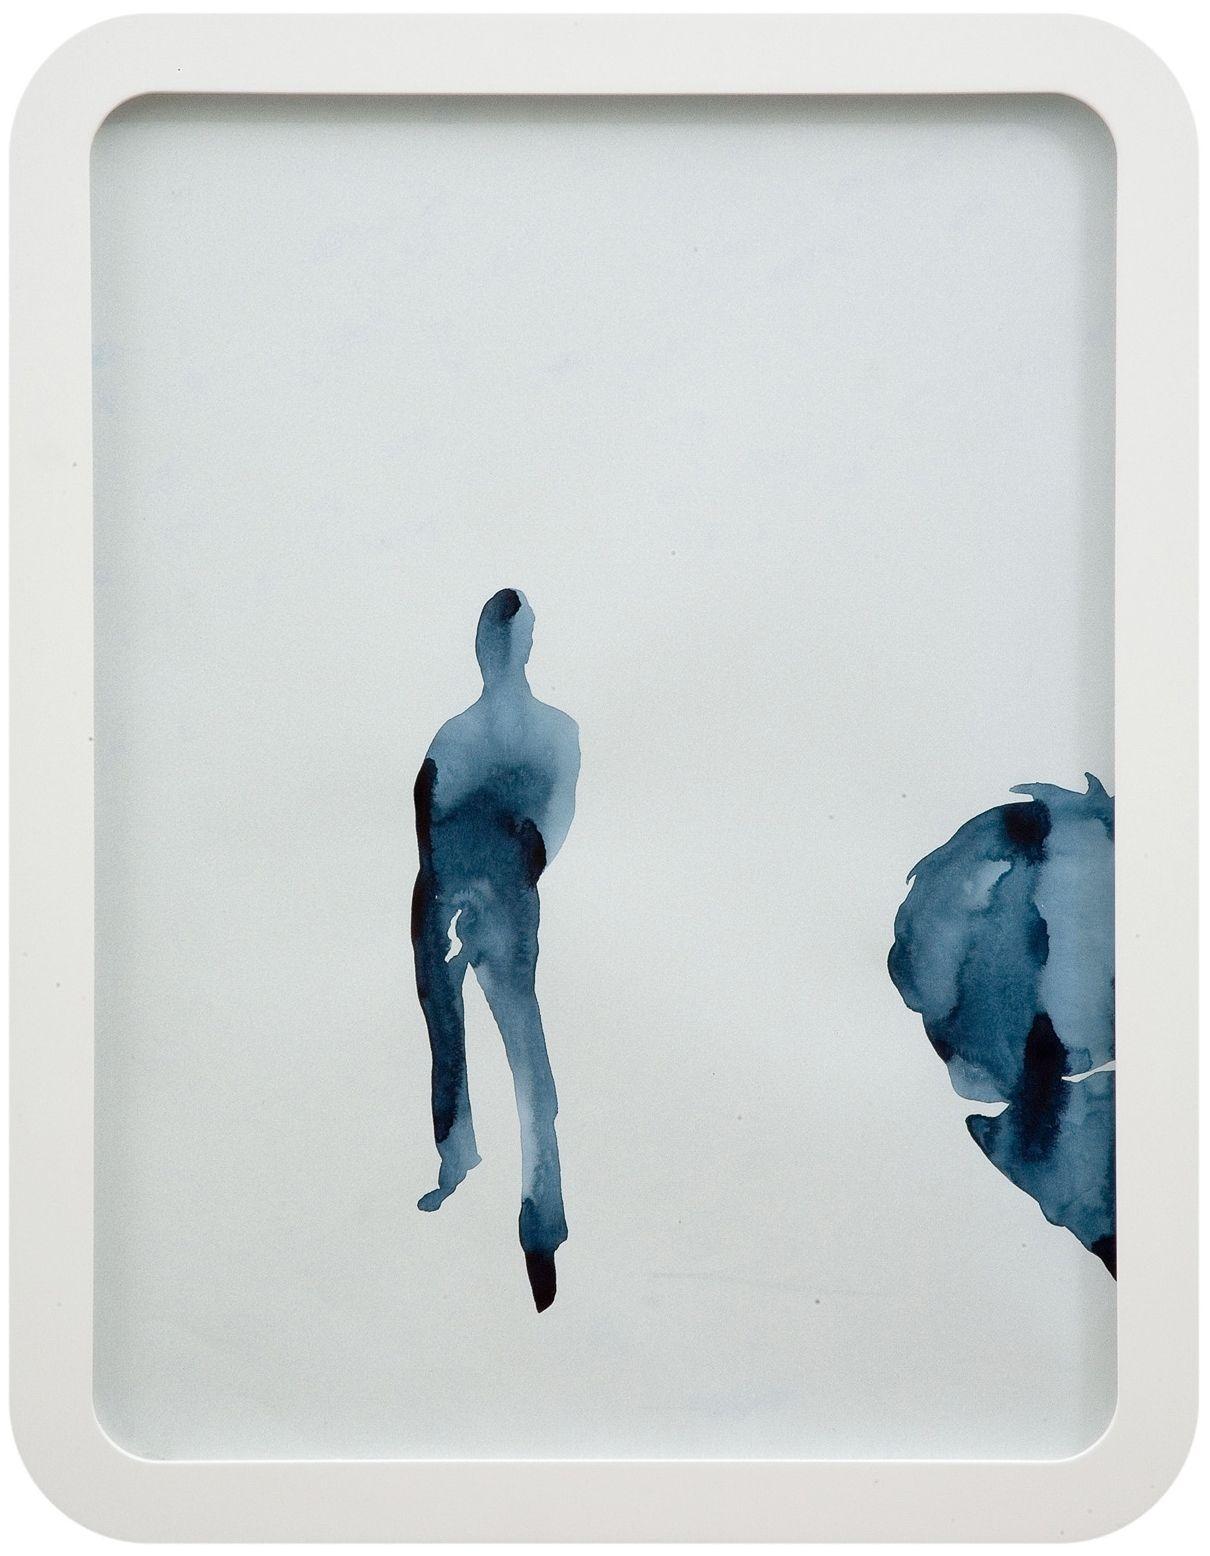 Doug Aitken, ultraworld O, 2007